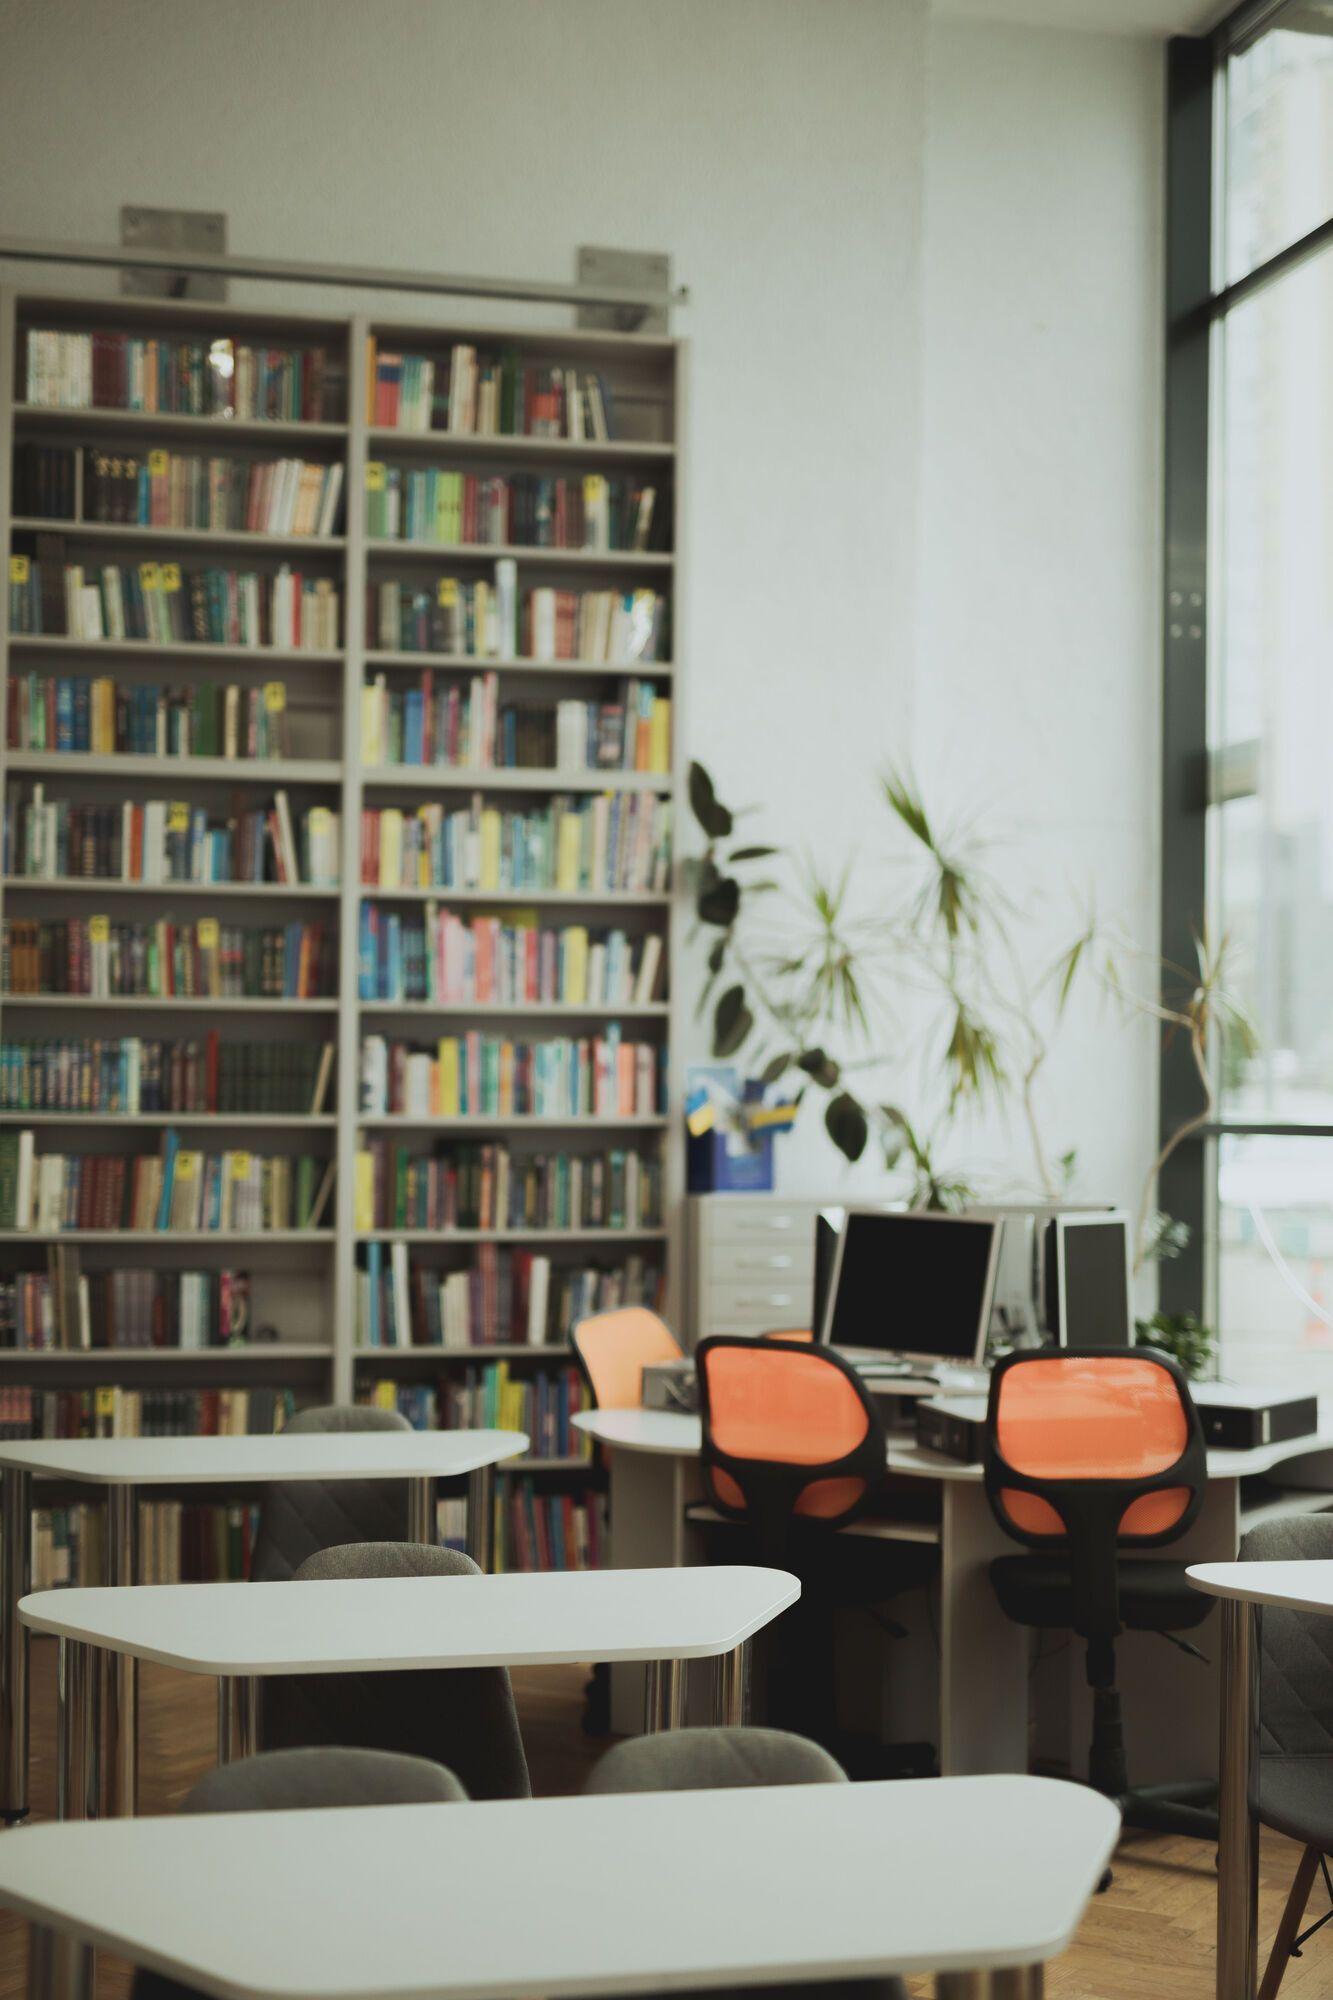 Фонд ресурсов библиотеки составляет около 70 тыс. экземпляров.